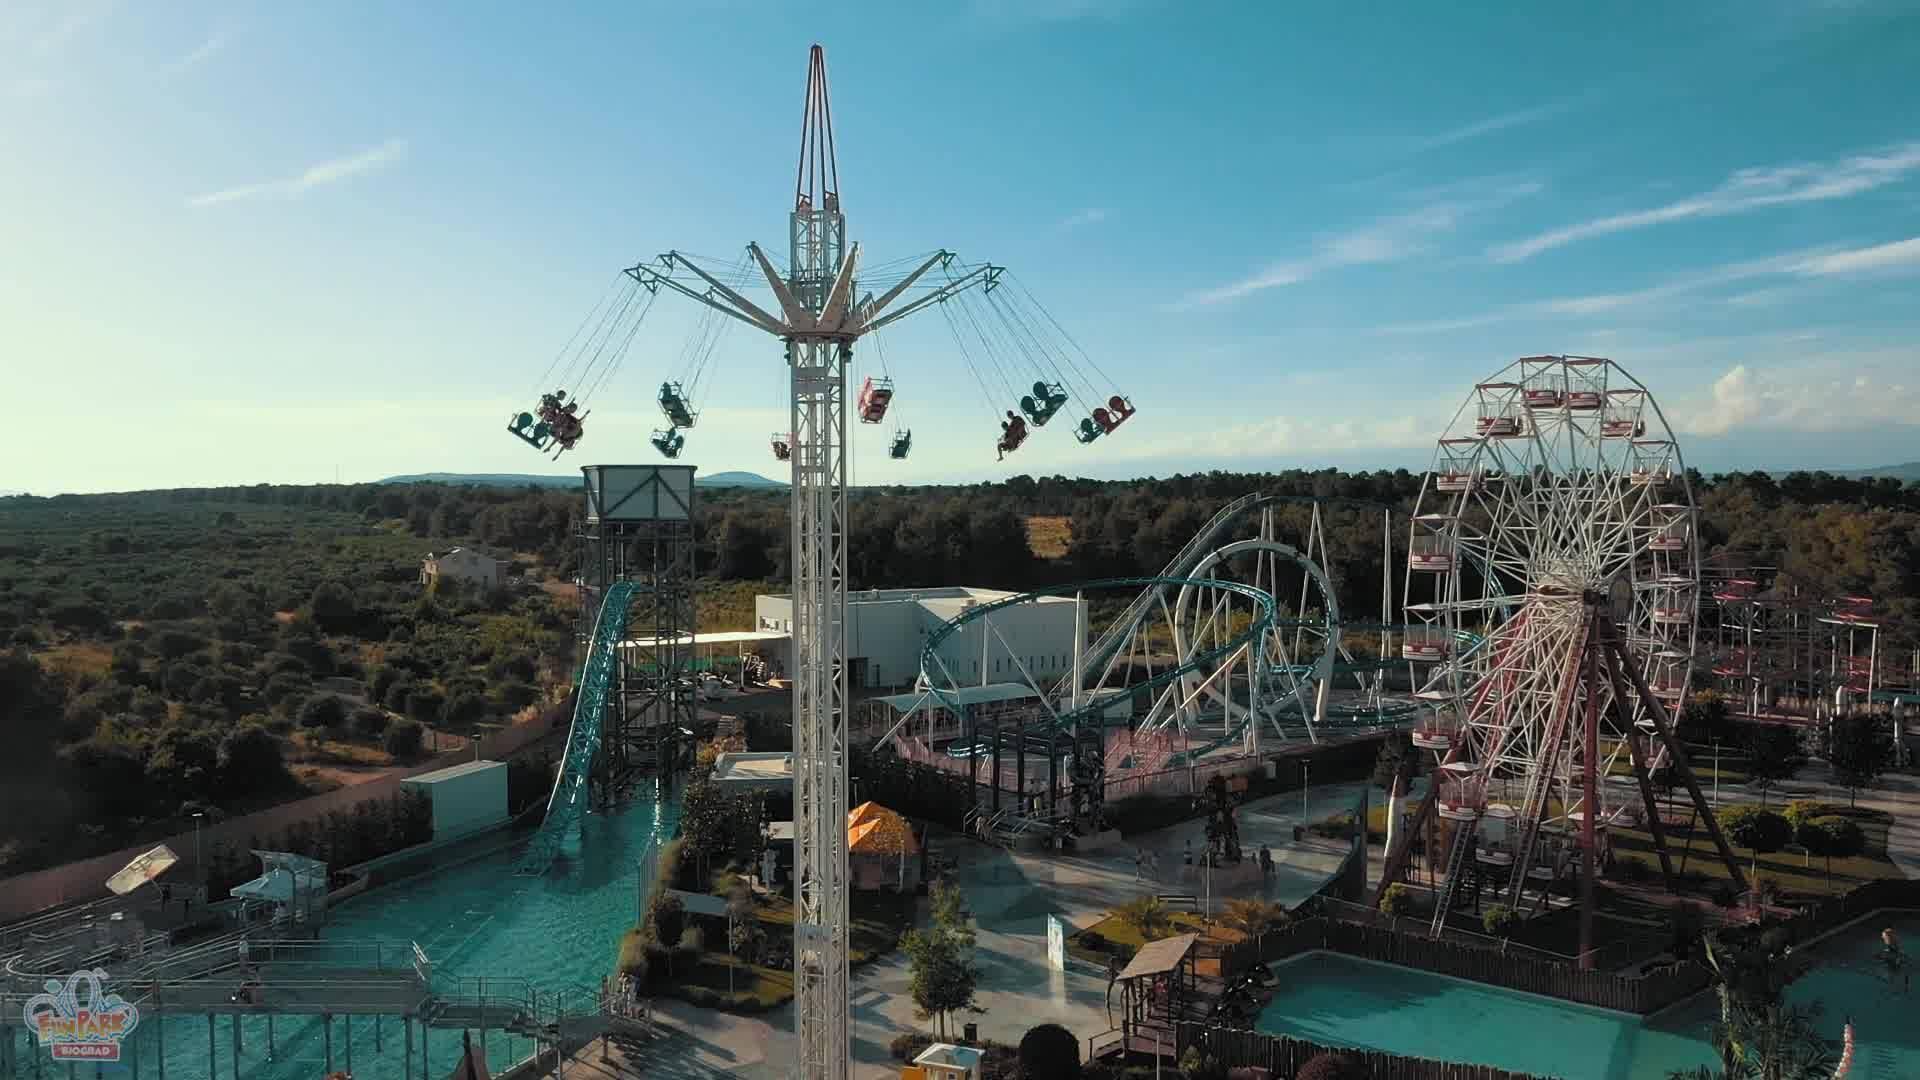 Fun Park Biograd predstavlja vrhunsku zabavu u srcu sezone